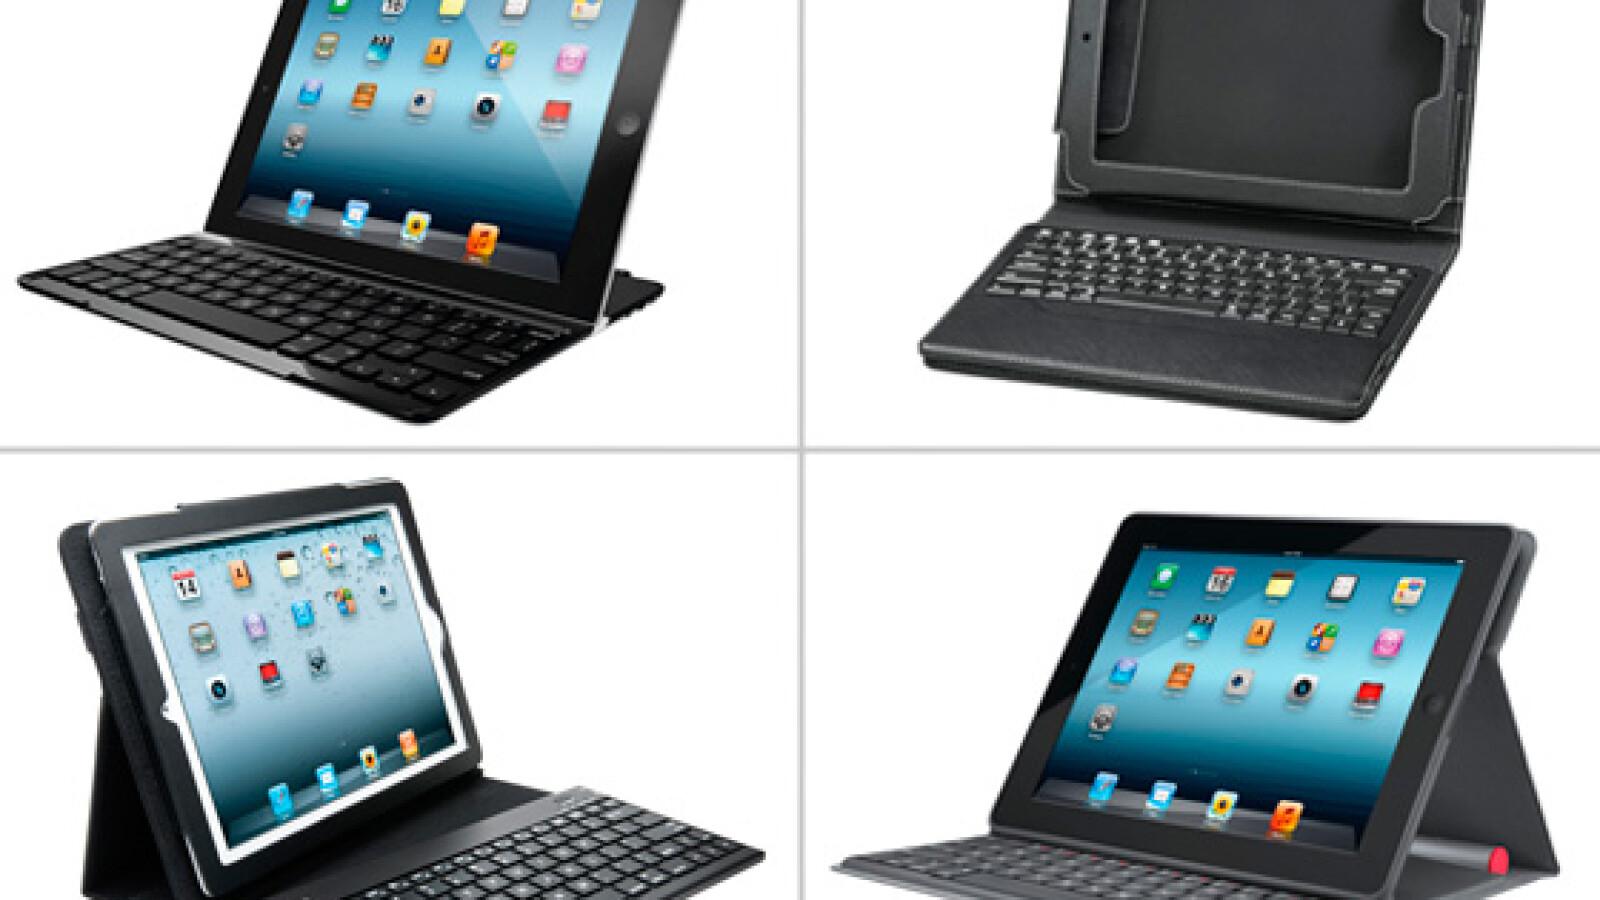 ipad tastatur test vier bluetooth modelle im vergleich. Black Bedroom Furniture Sets. Home Design Ideas